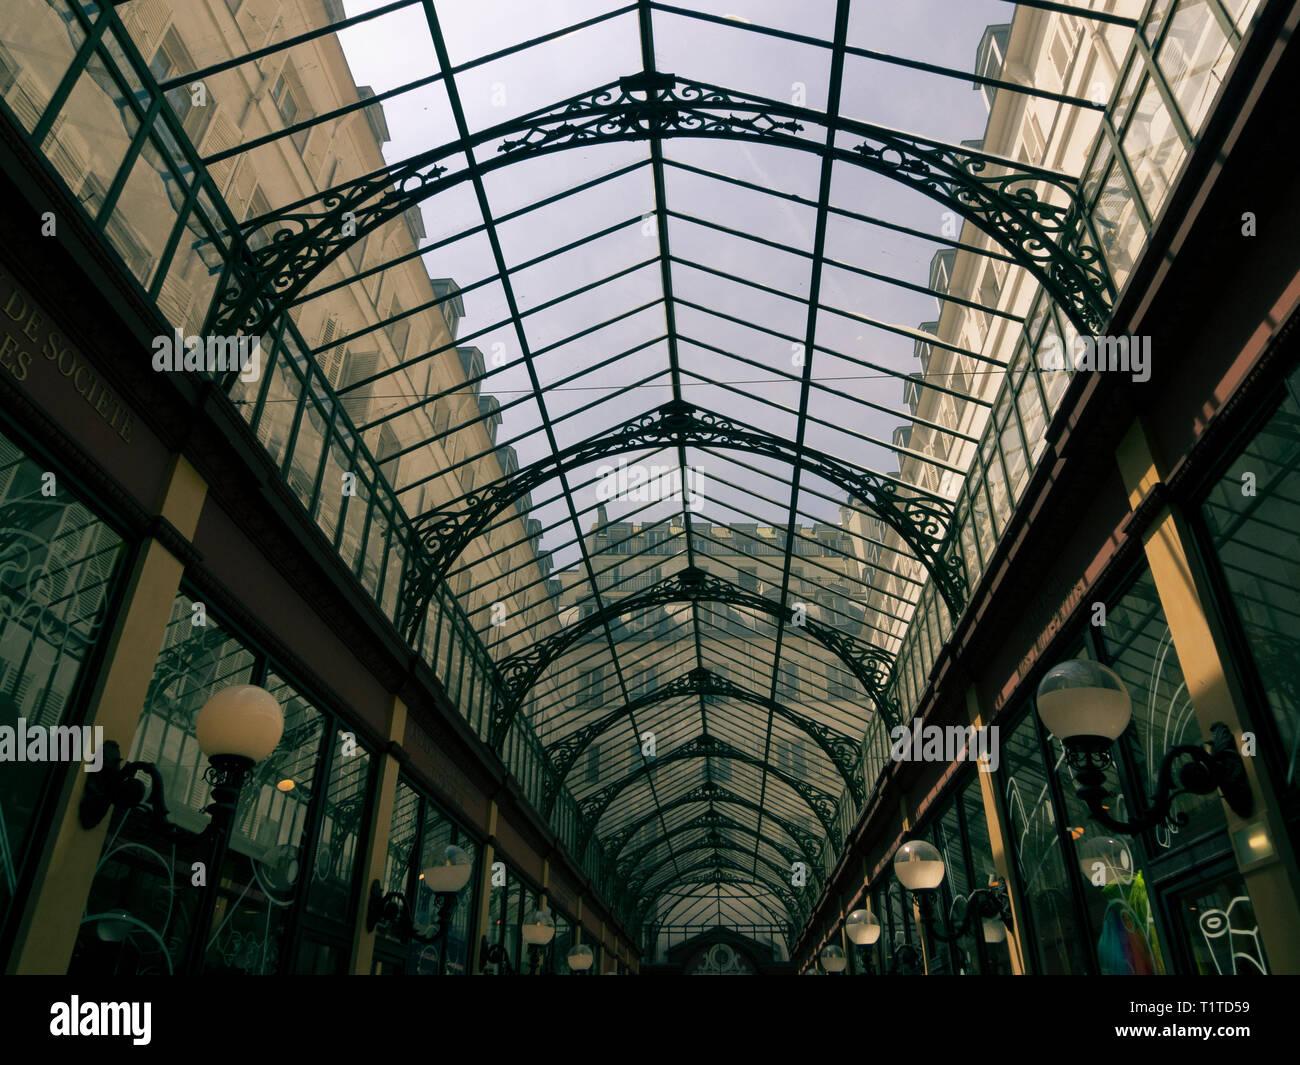 Passage des Princes, Boulevard des Italiens, Paris, Frankreich Stockbild